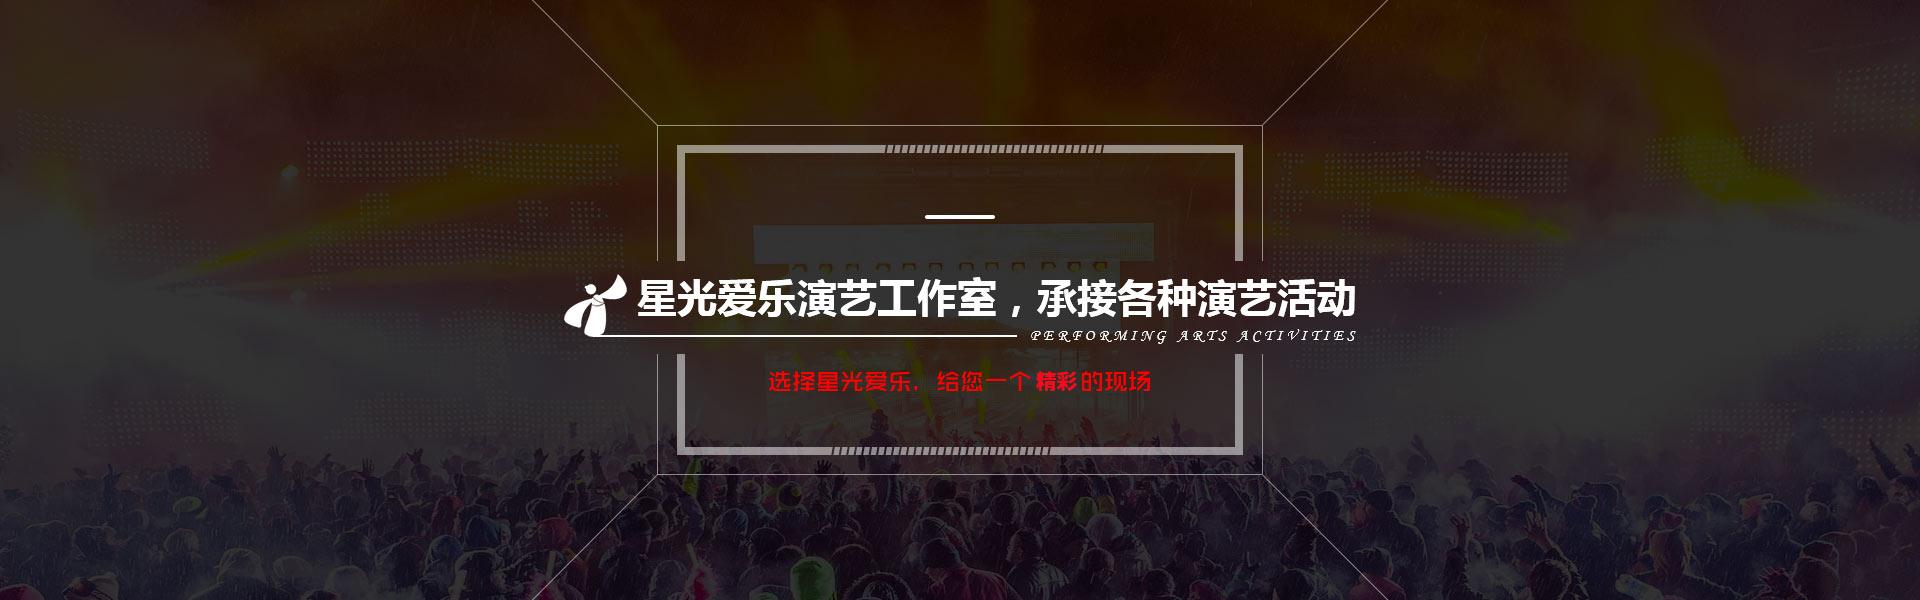 重庆文艺演出公司